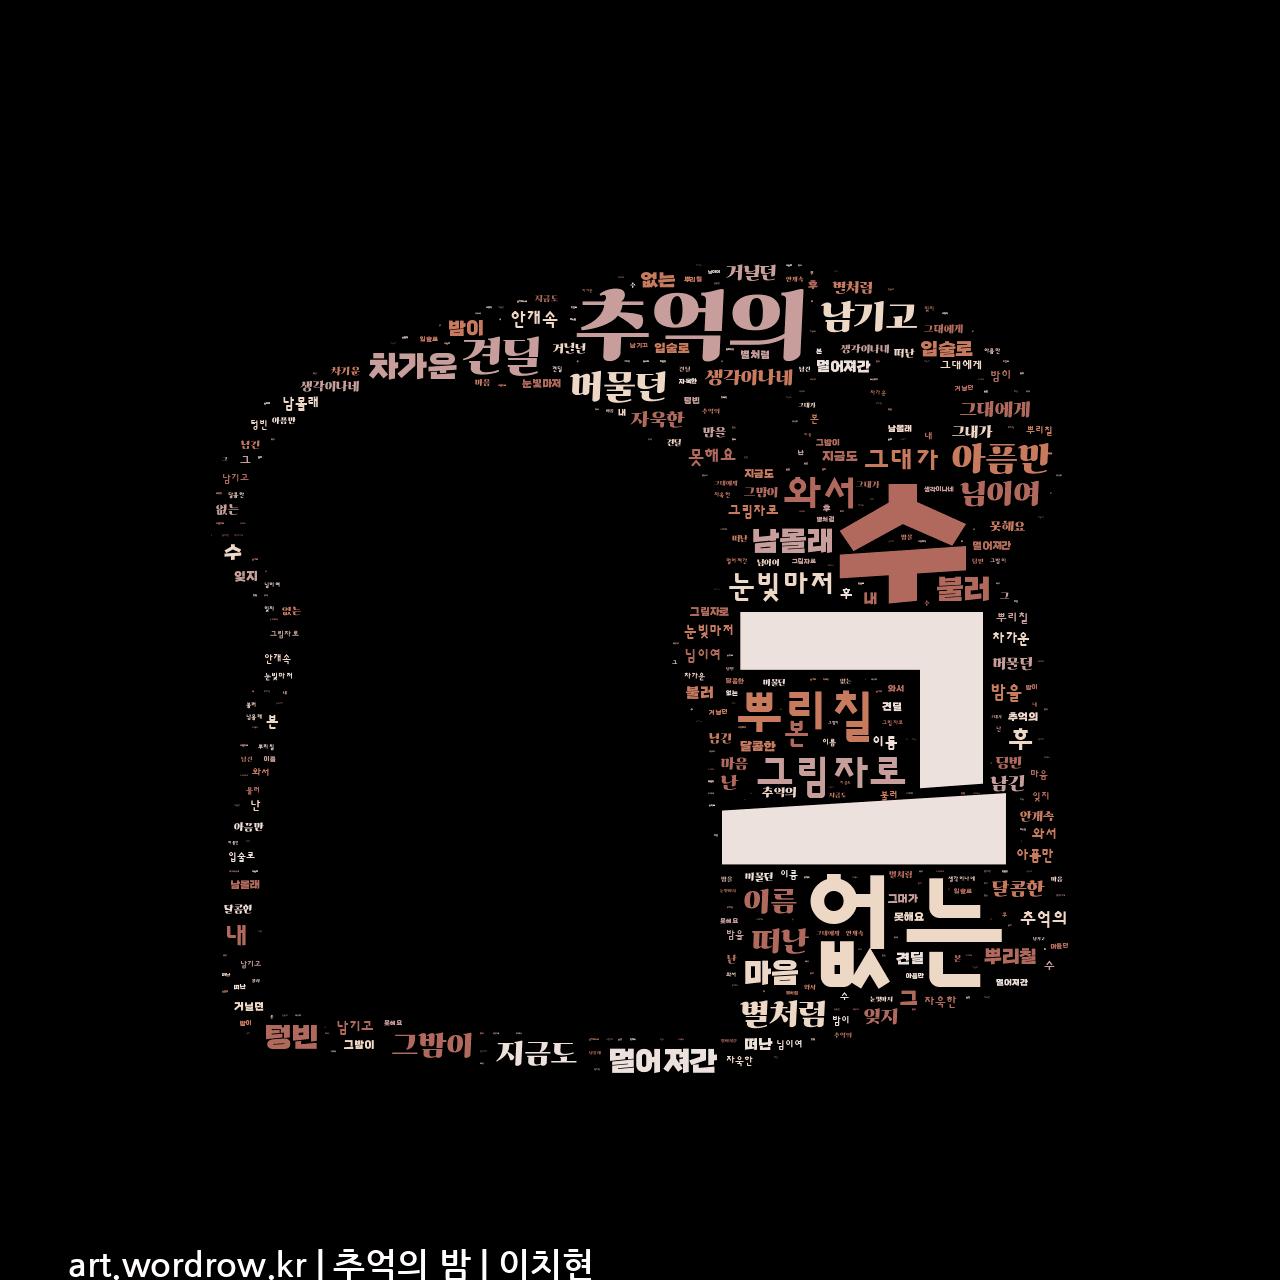 워드 아트: 추억의 밤 [이치현]-51